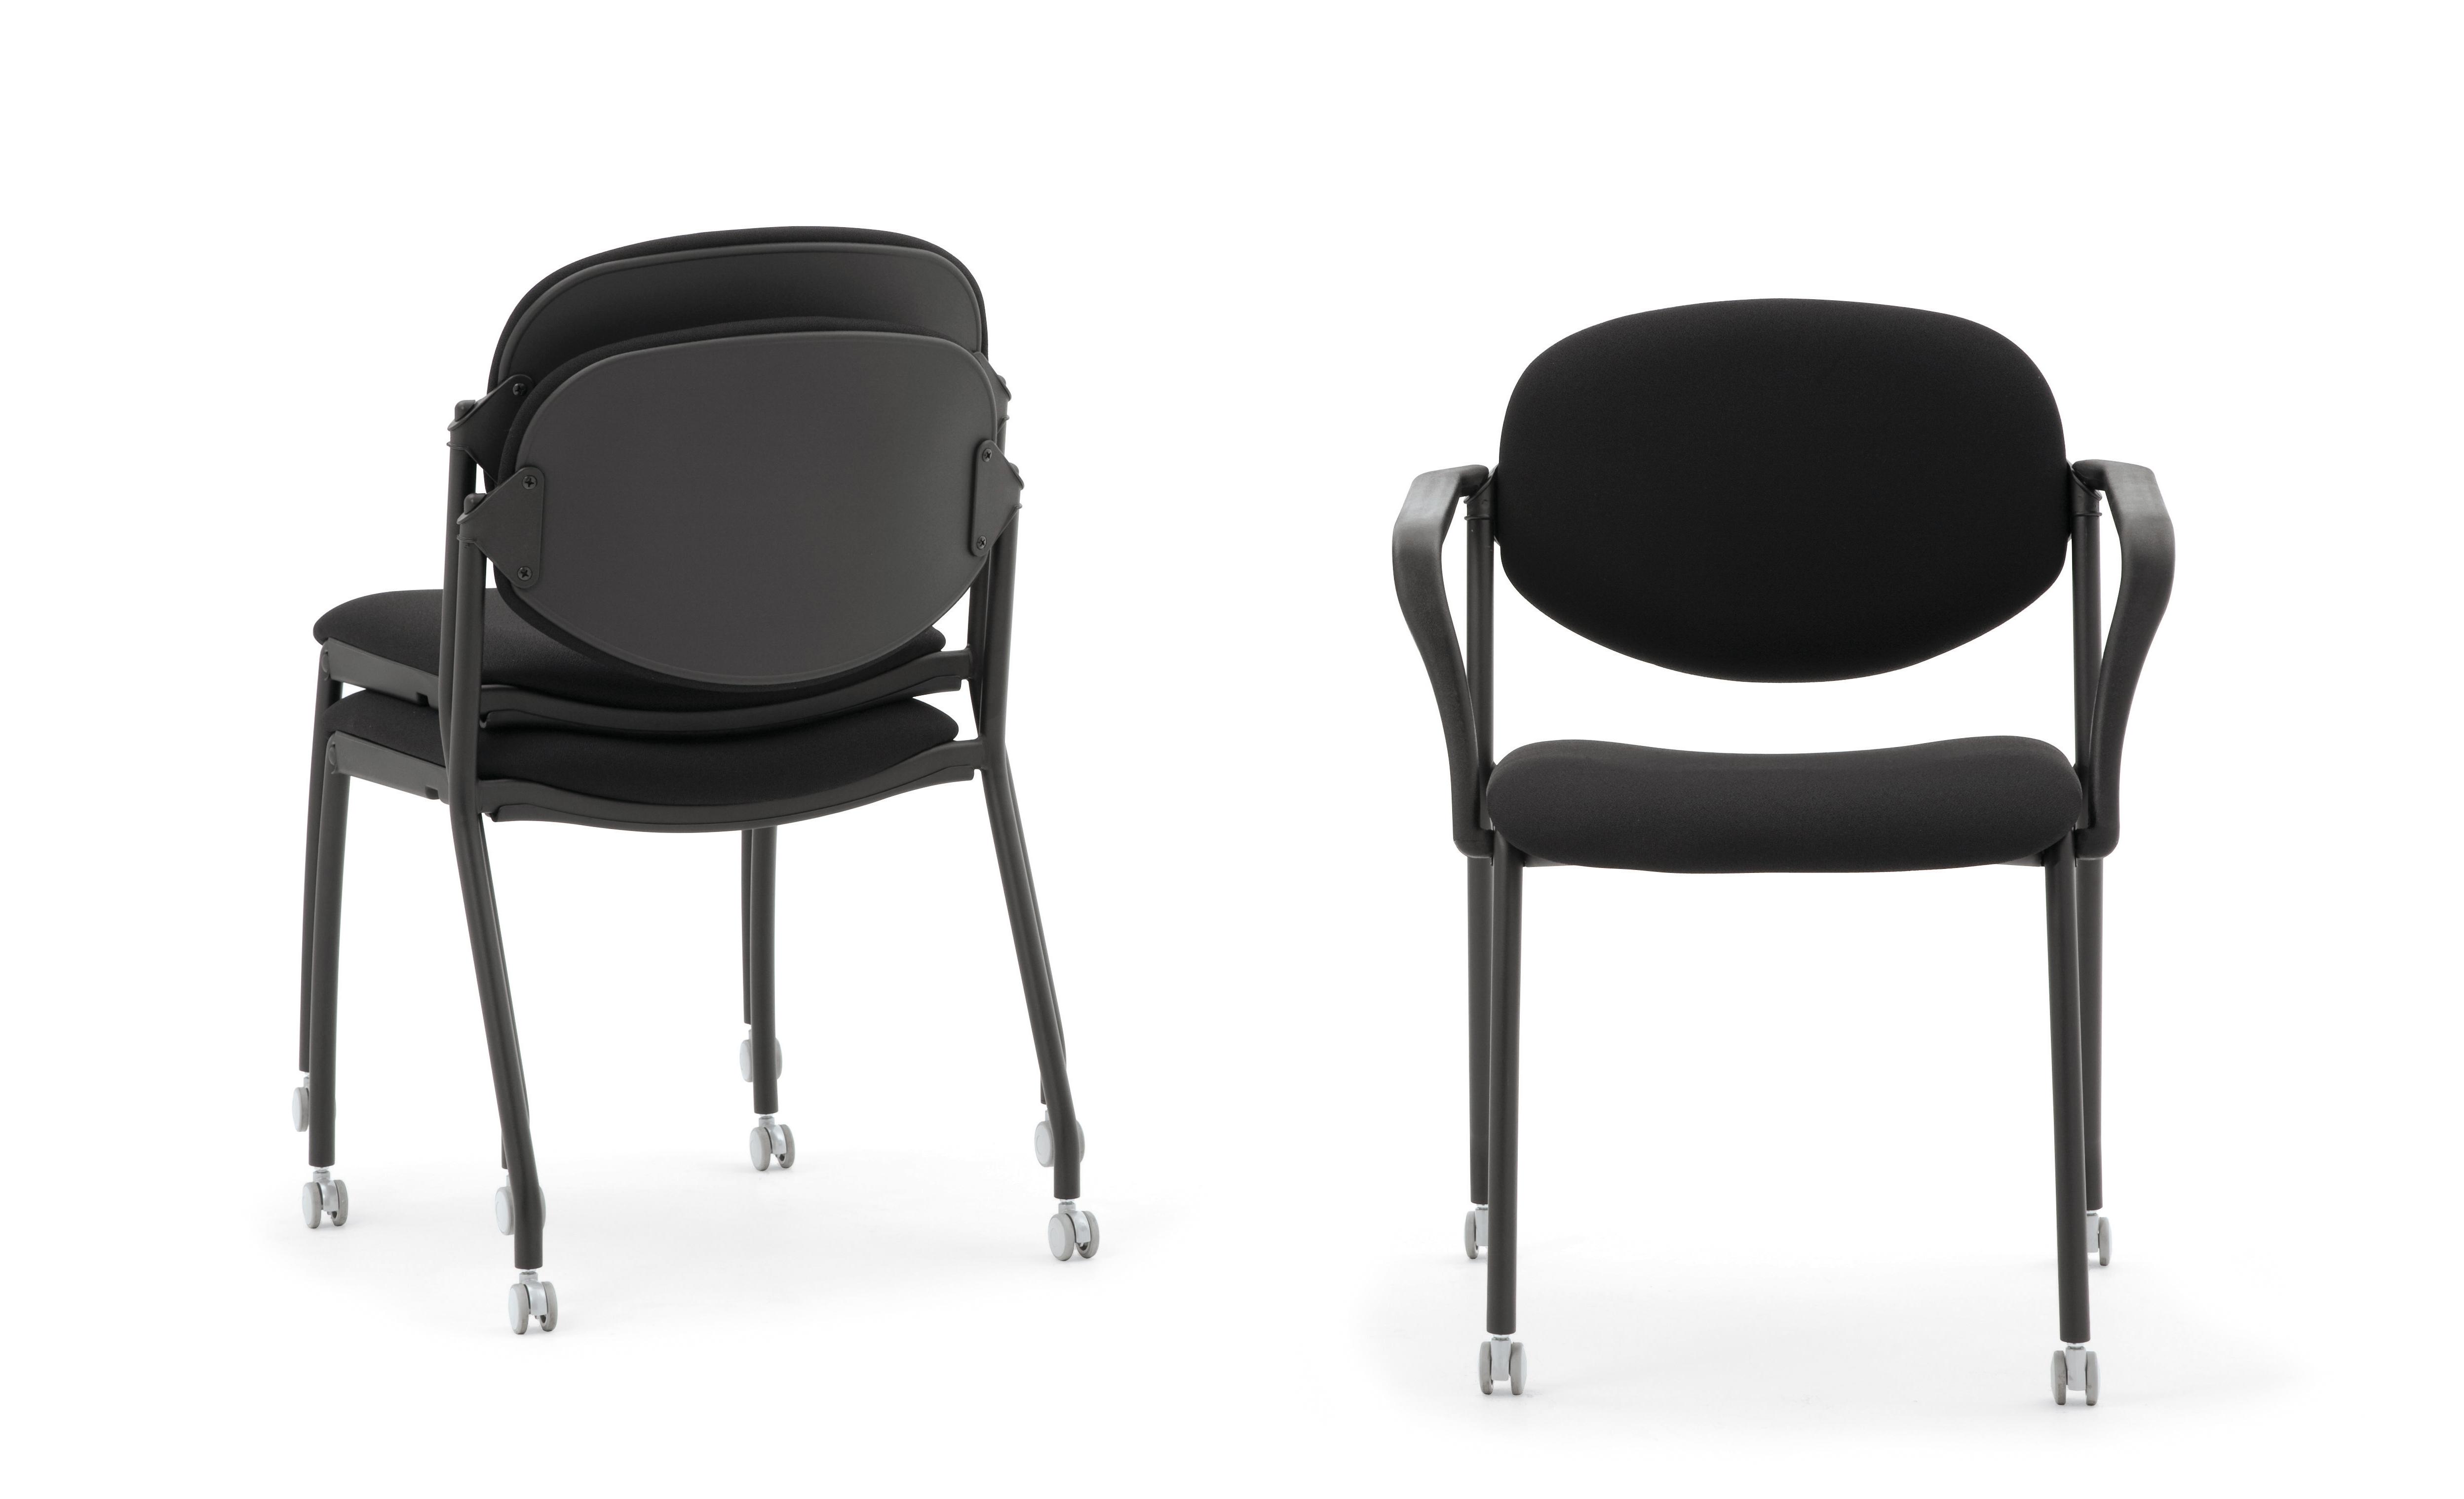 Sedie Da Ufficio Senza Rotelle : Sedie da ufficio senza rotelle idea del concetto di interior